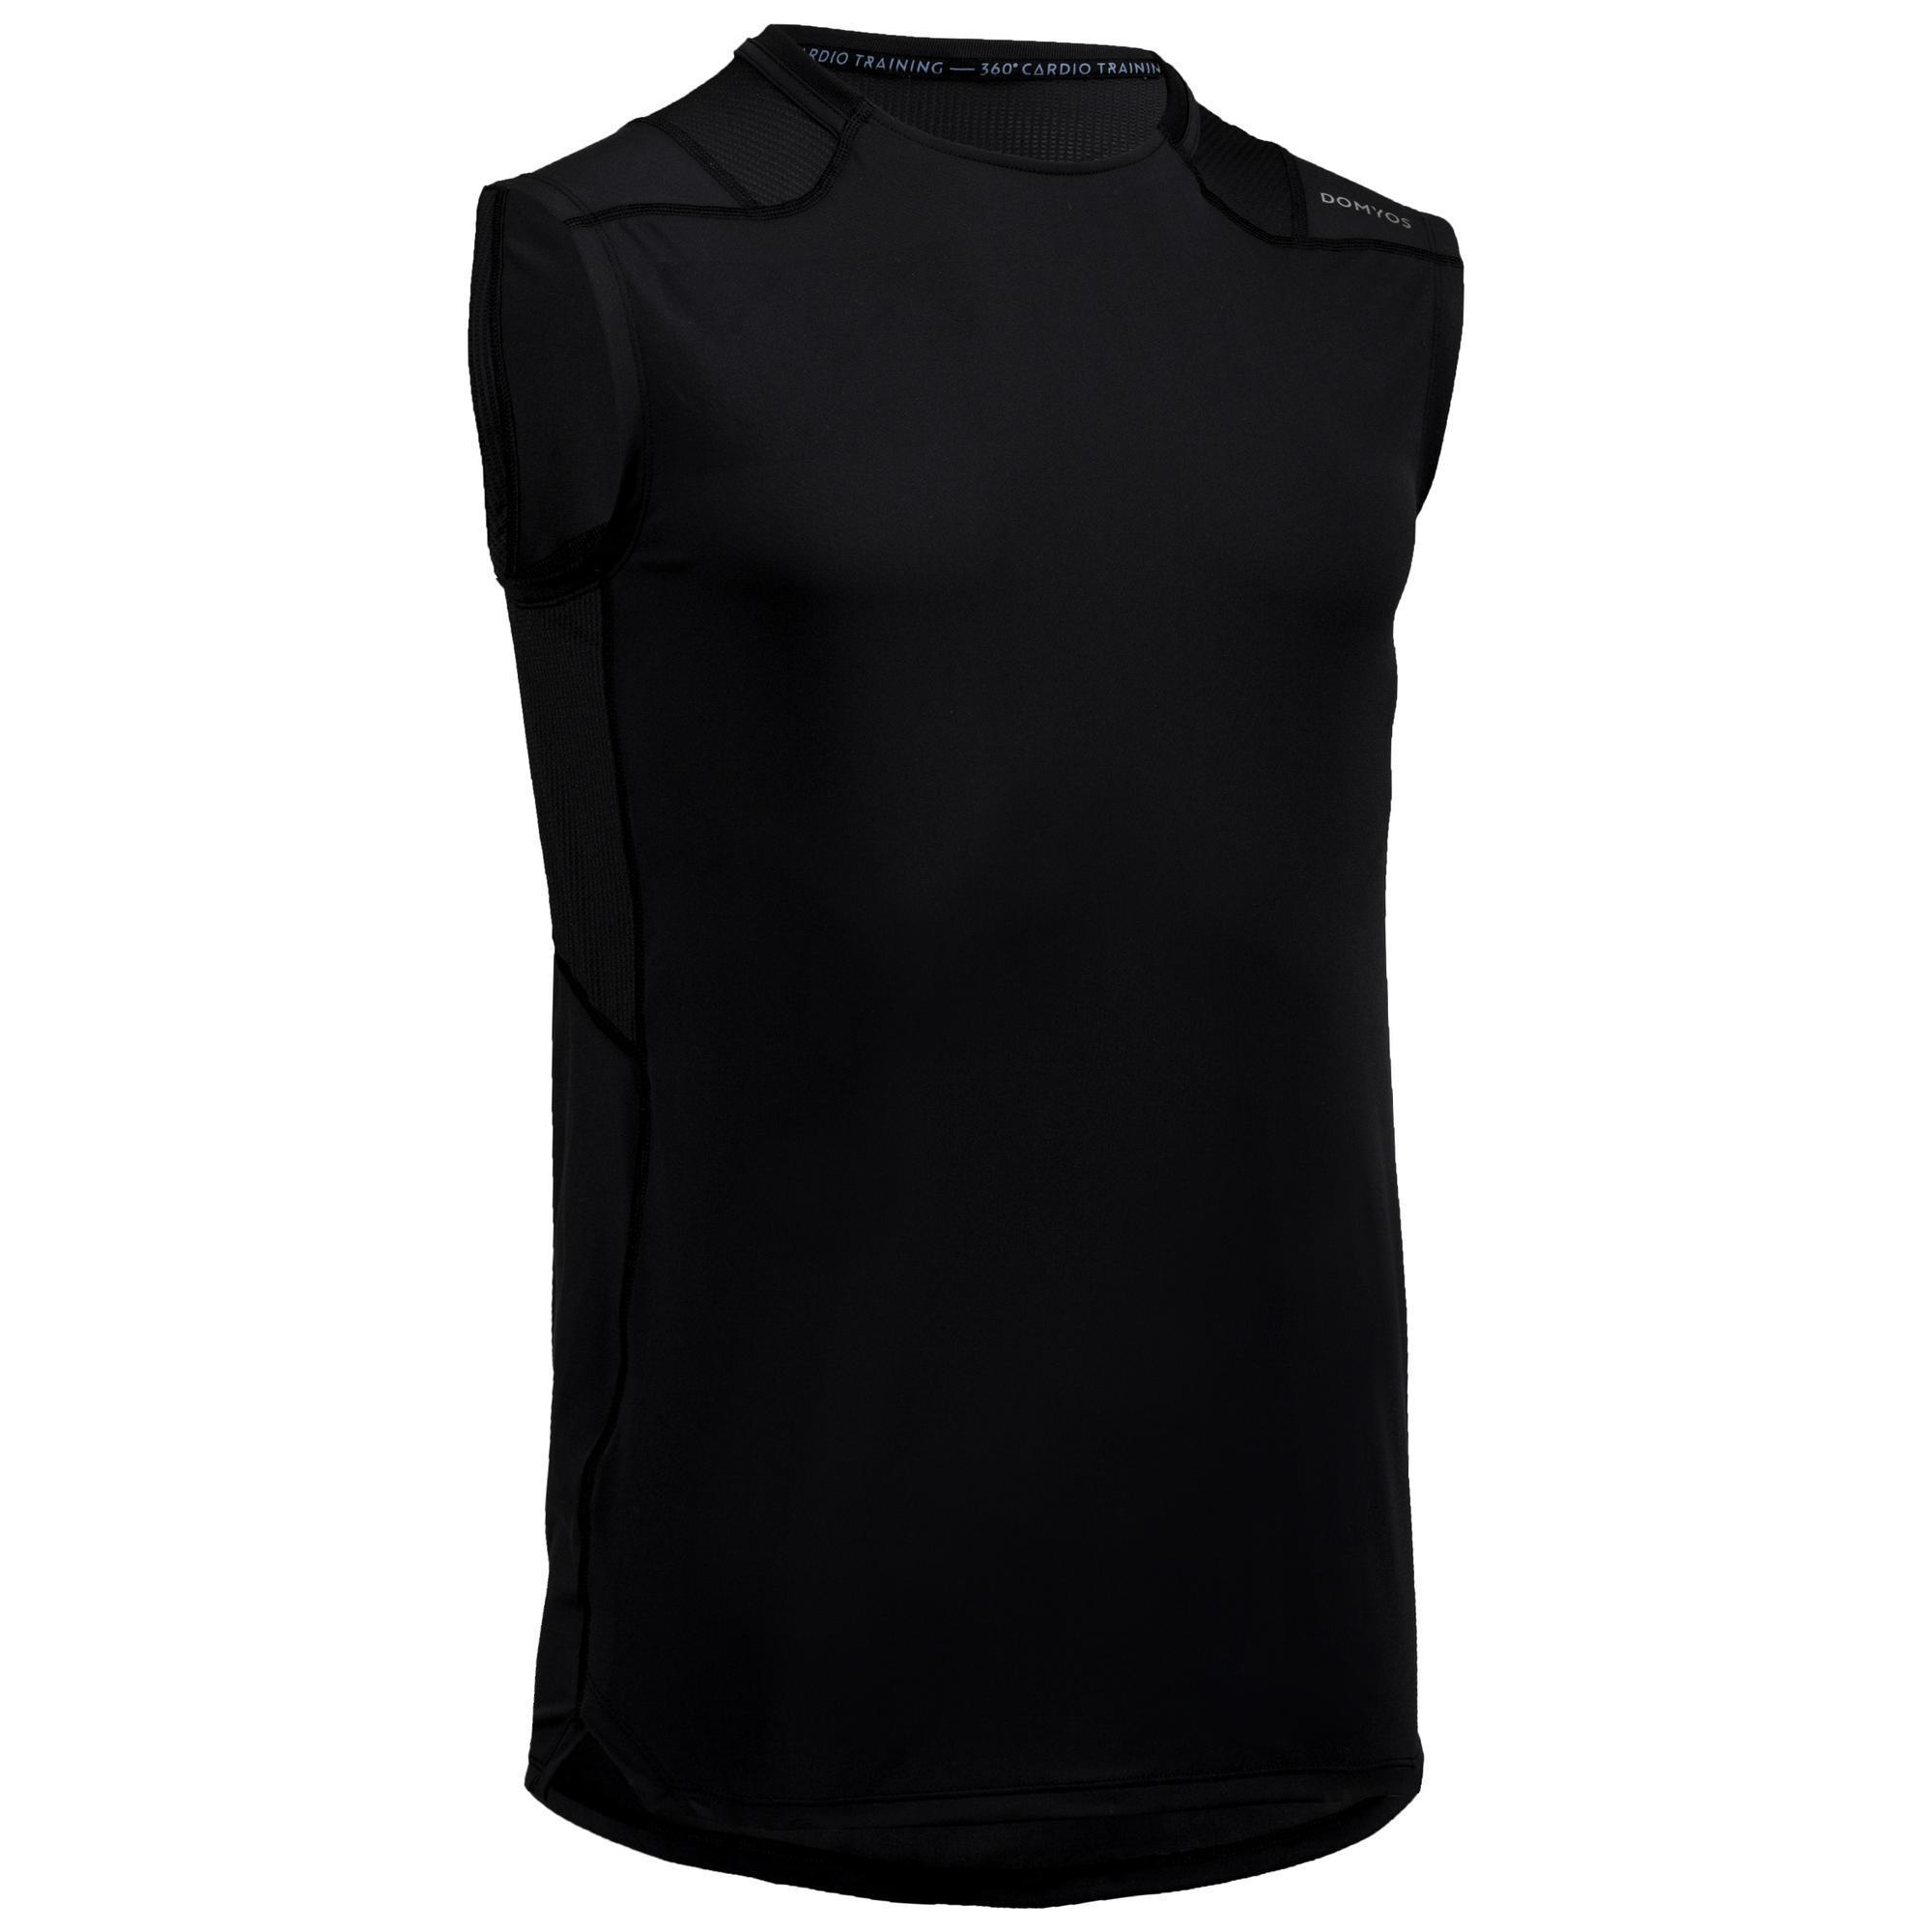 Domyos Tanktop fitness FTA 500 voor heren kopen? Leest dit eerst: Fitness kleding Fitness top met korting